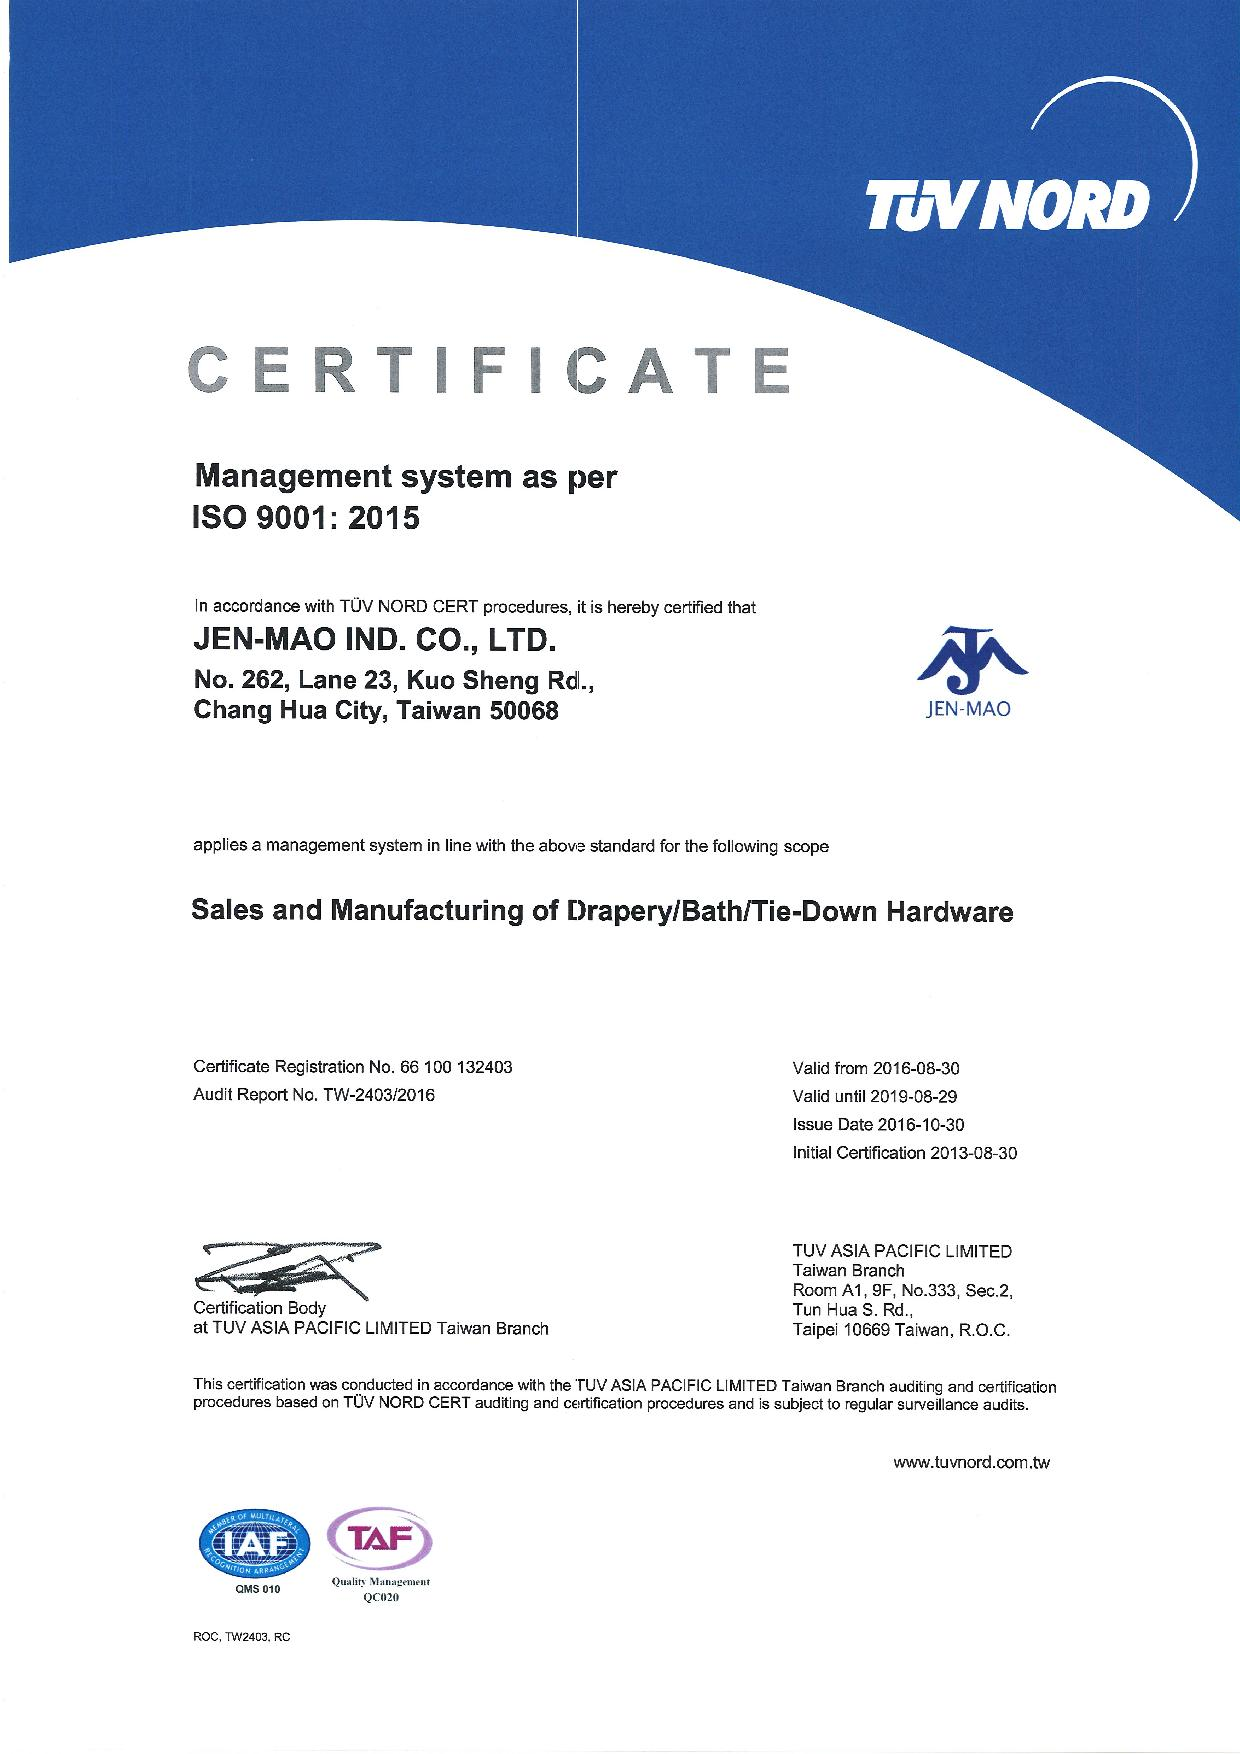 Kebijakan Mutu - Sertifikat ISO 9001:2015